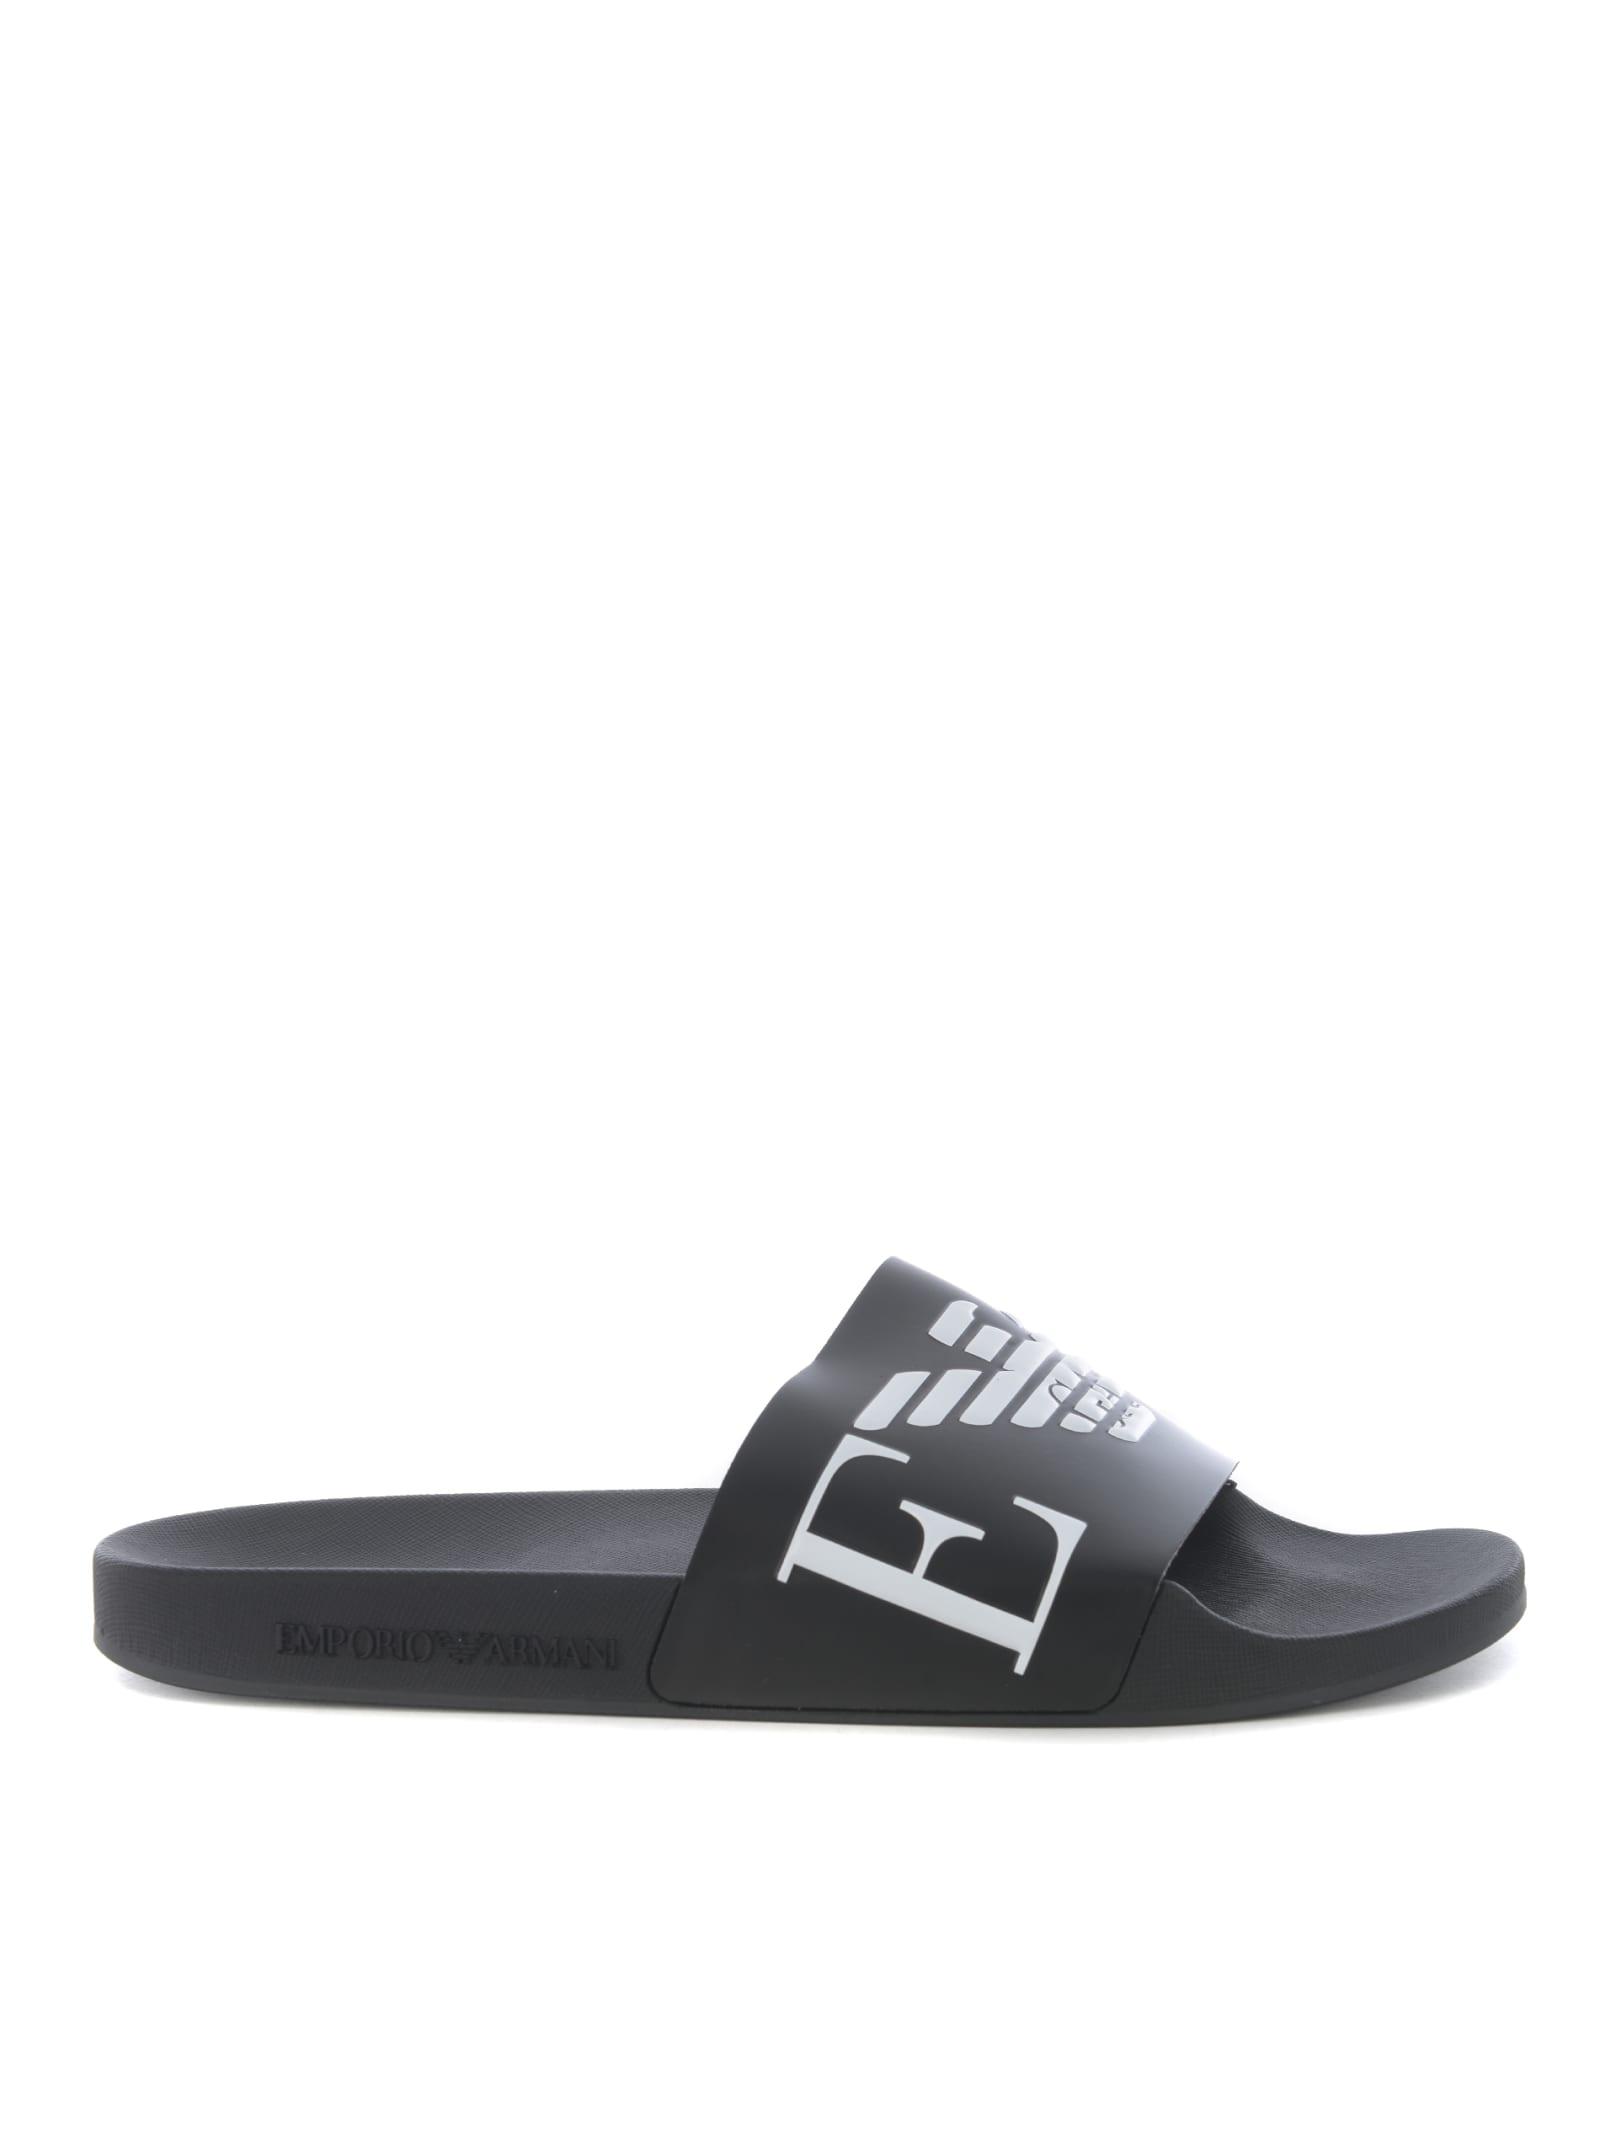 Emporio Armani Shoes